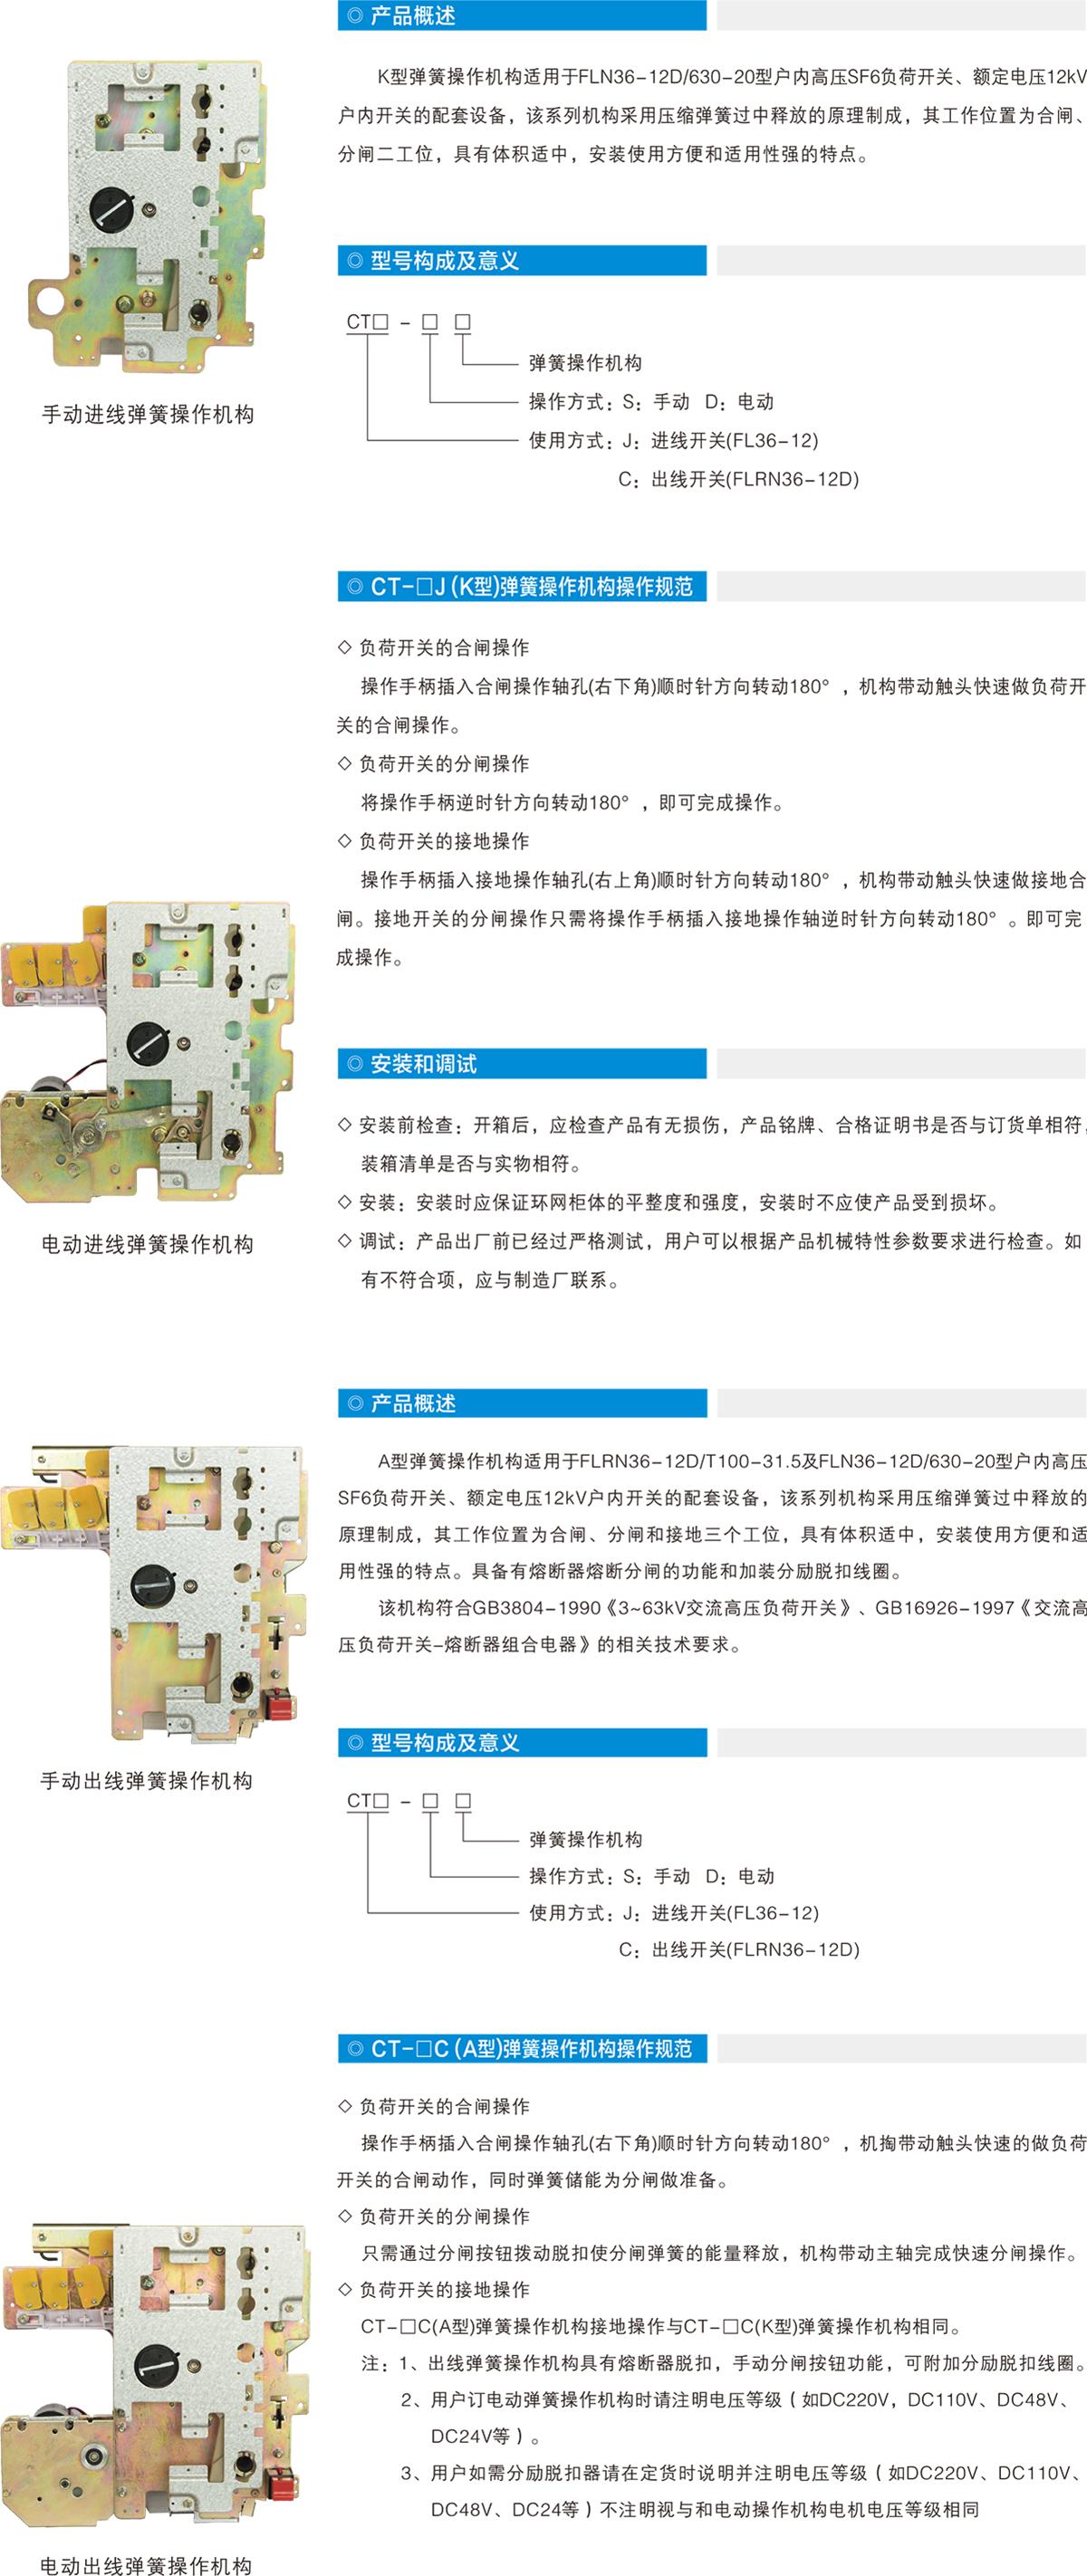 图层2.jpg